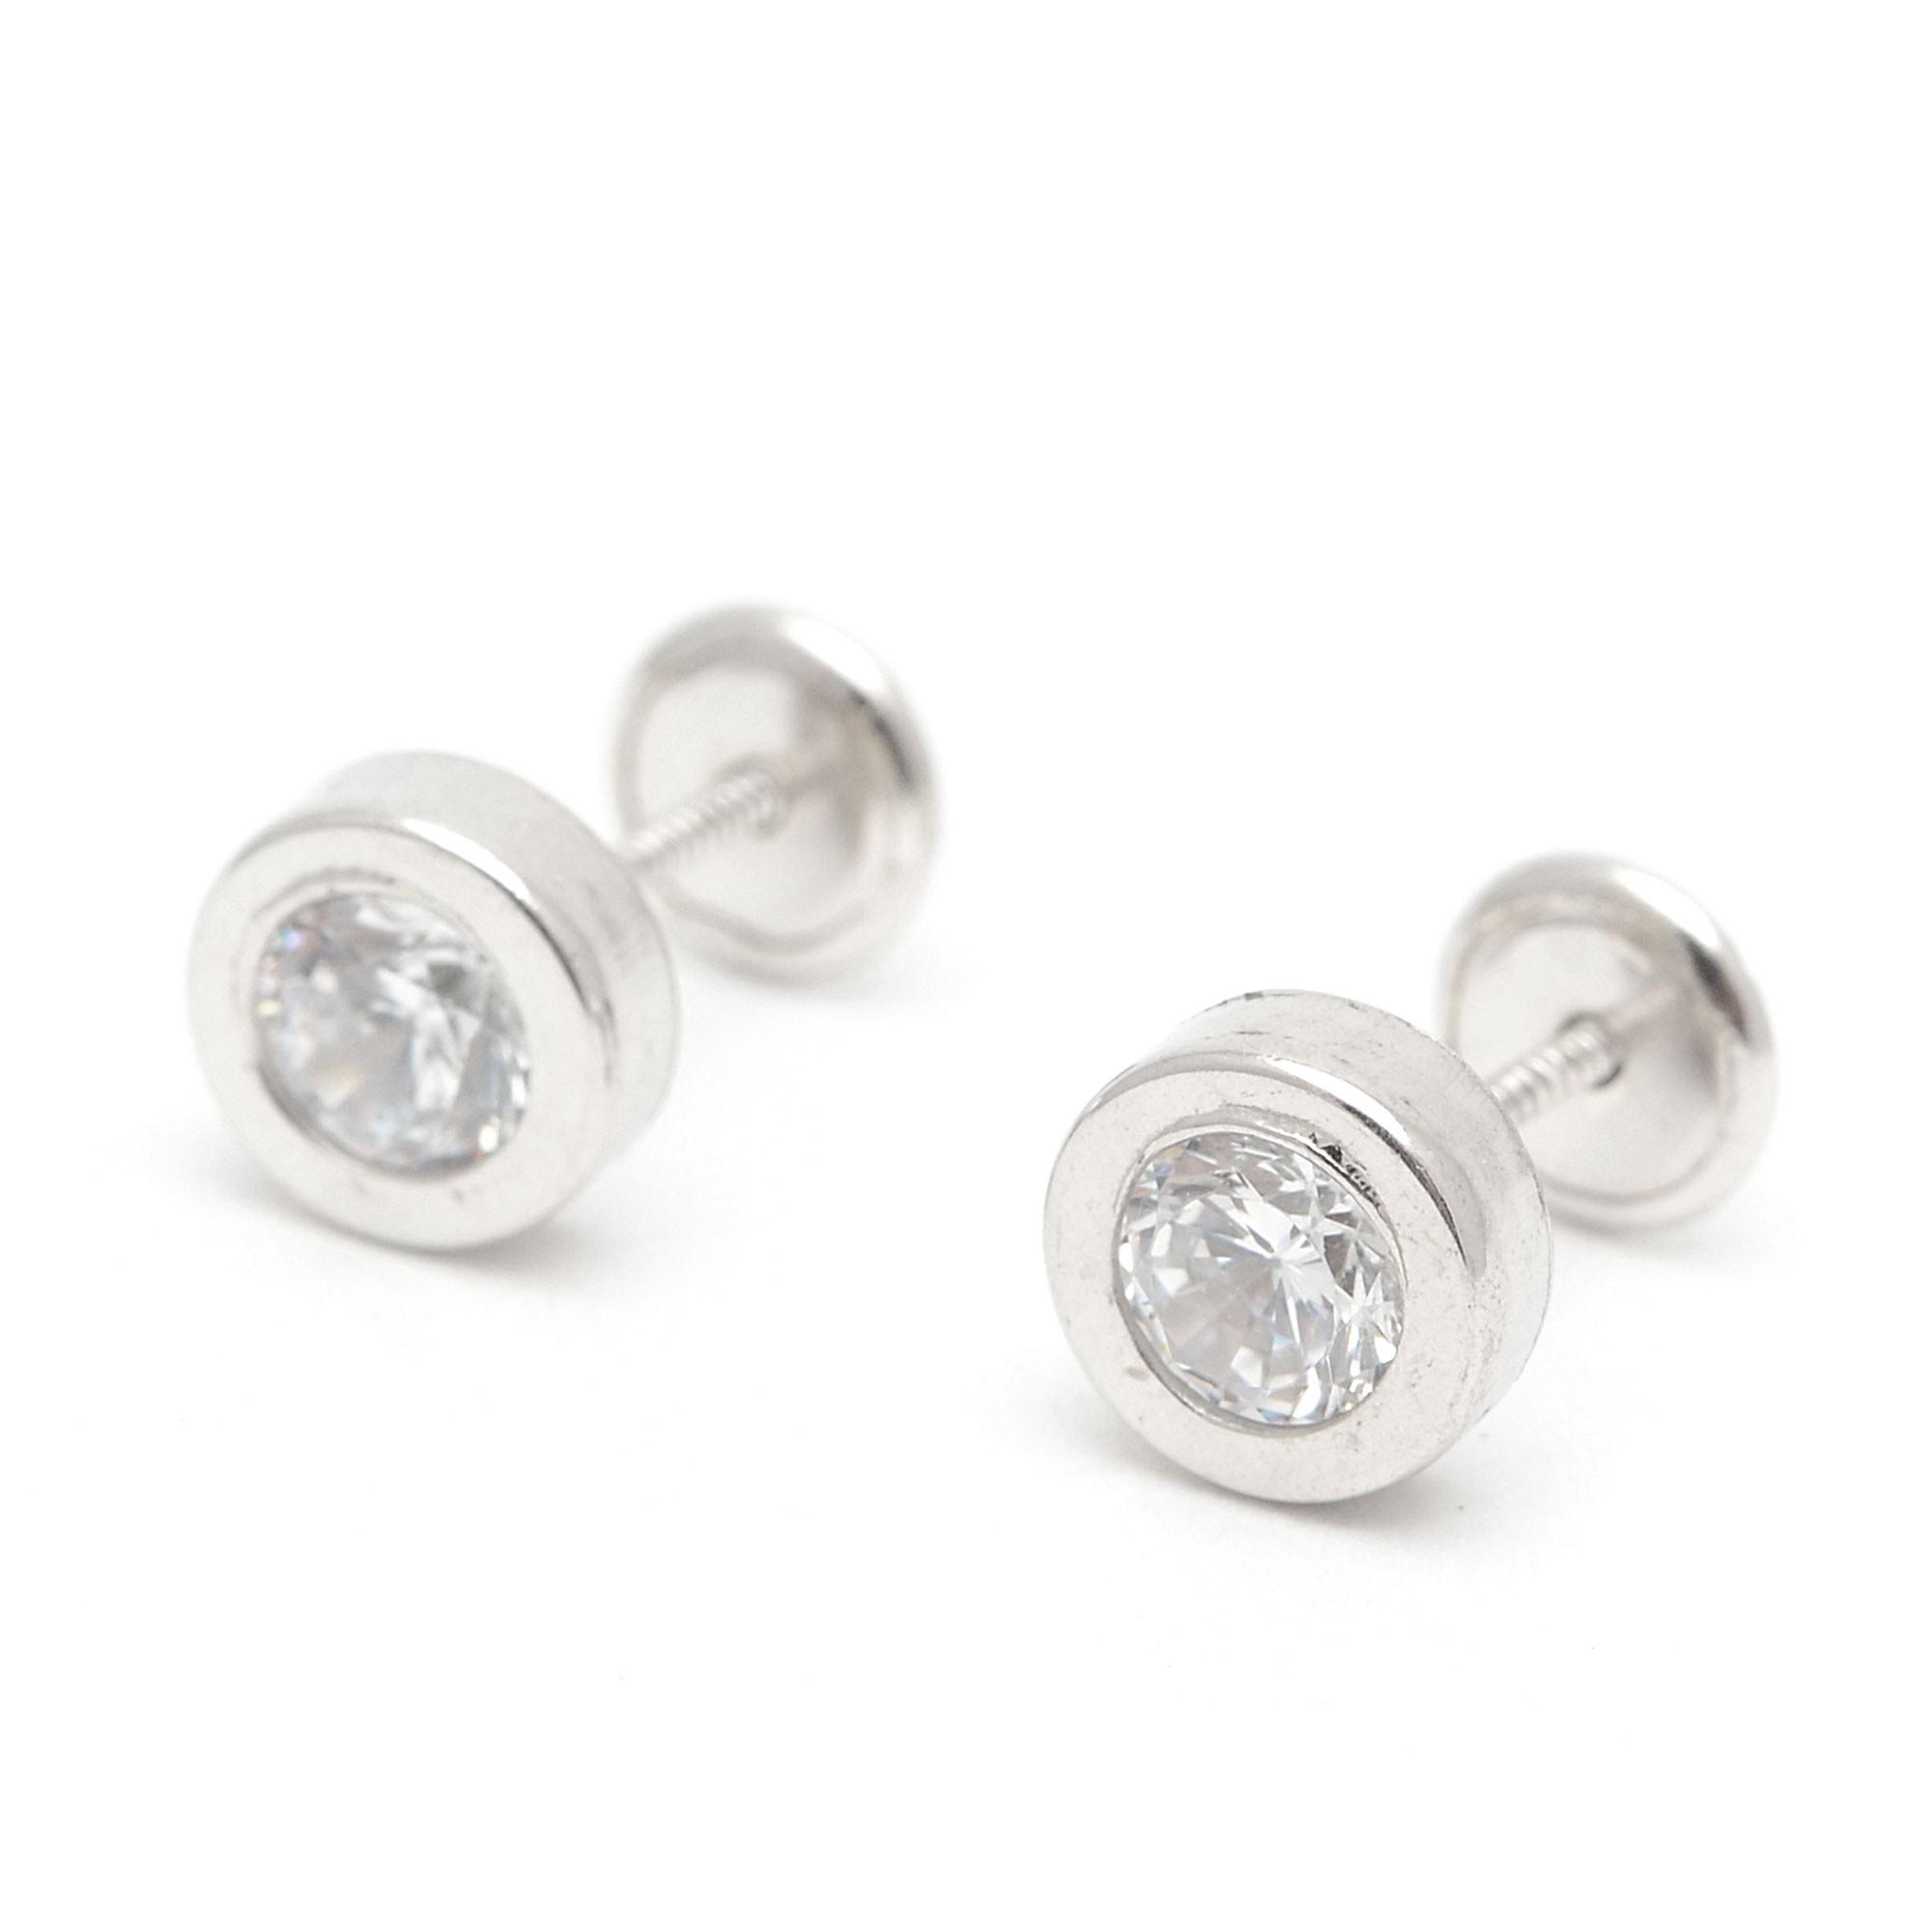 66c9d88d9030 Pendientes de plata de rosca redondos con circonitas